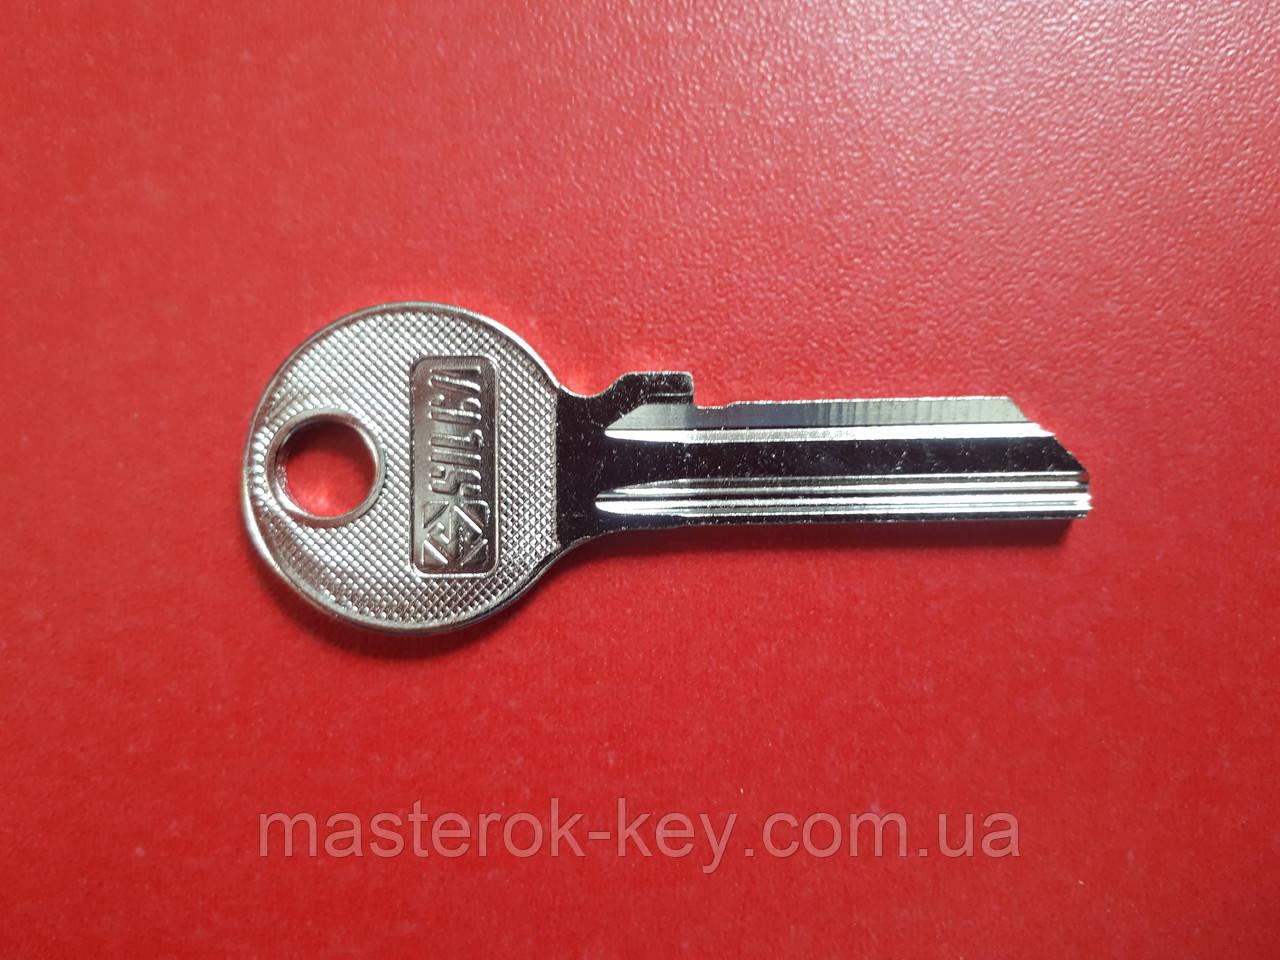 чип и дип спб каталог официальный сайт кредит райффайзенбанк спб